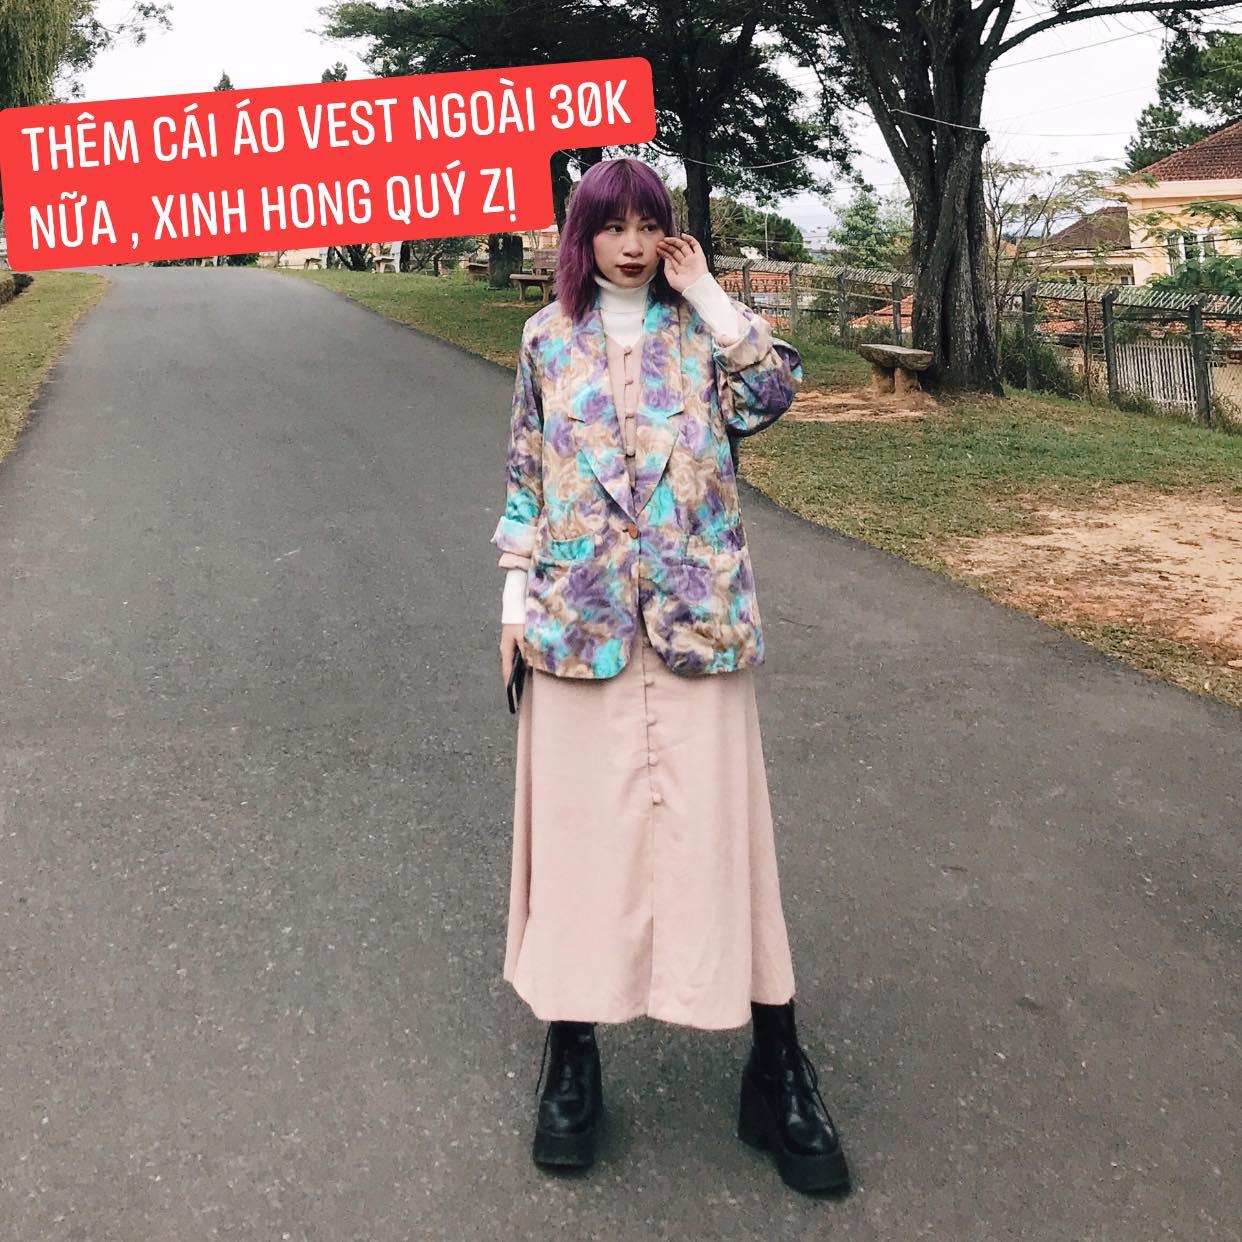 """Sắm đồ Secondhand chỉ từ 30k, cô nàng lên được cả loạt outfit """"chất phát hờn"""" khiến các chị em tới tấp hỏi địa chỉ - Ảnh 3."""